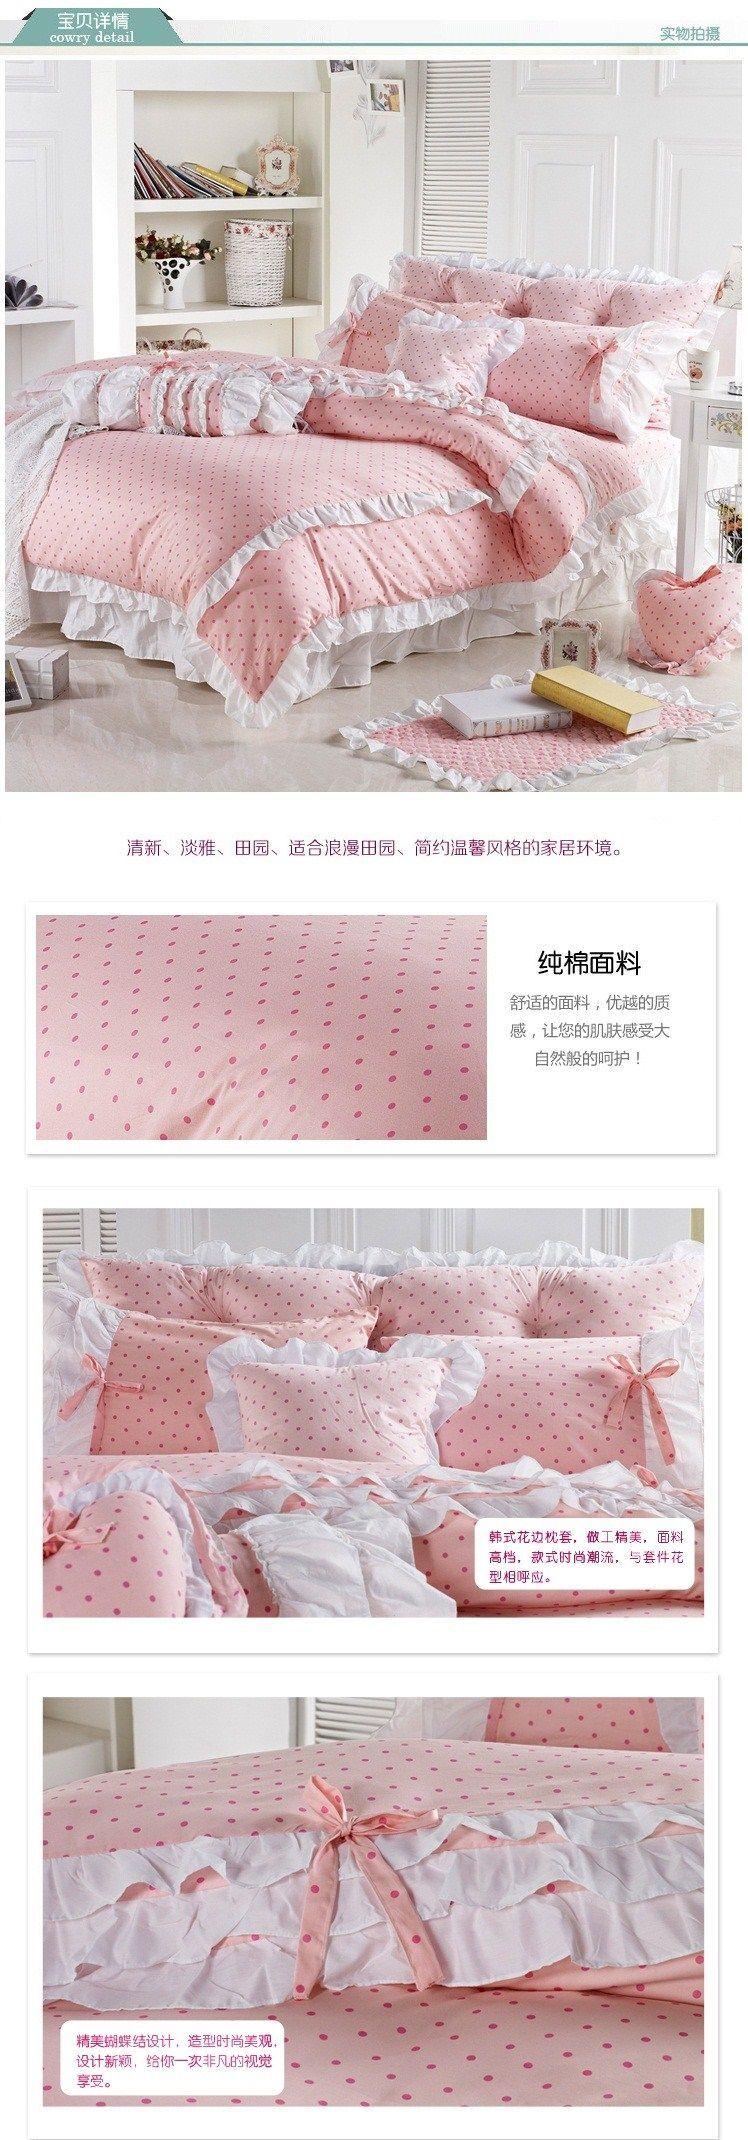 polk dots sweet home bedding kit cotton duvet cover sets princess bedding set king size girls home bedskirt